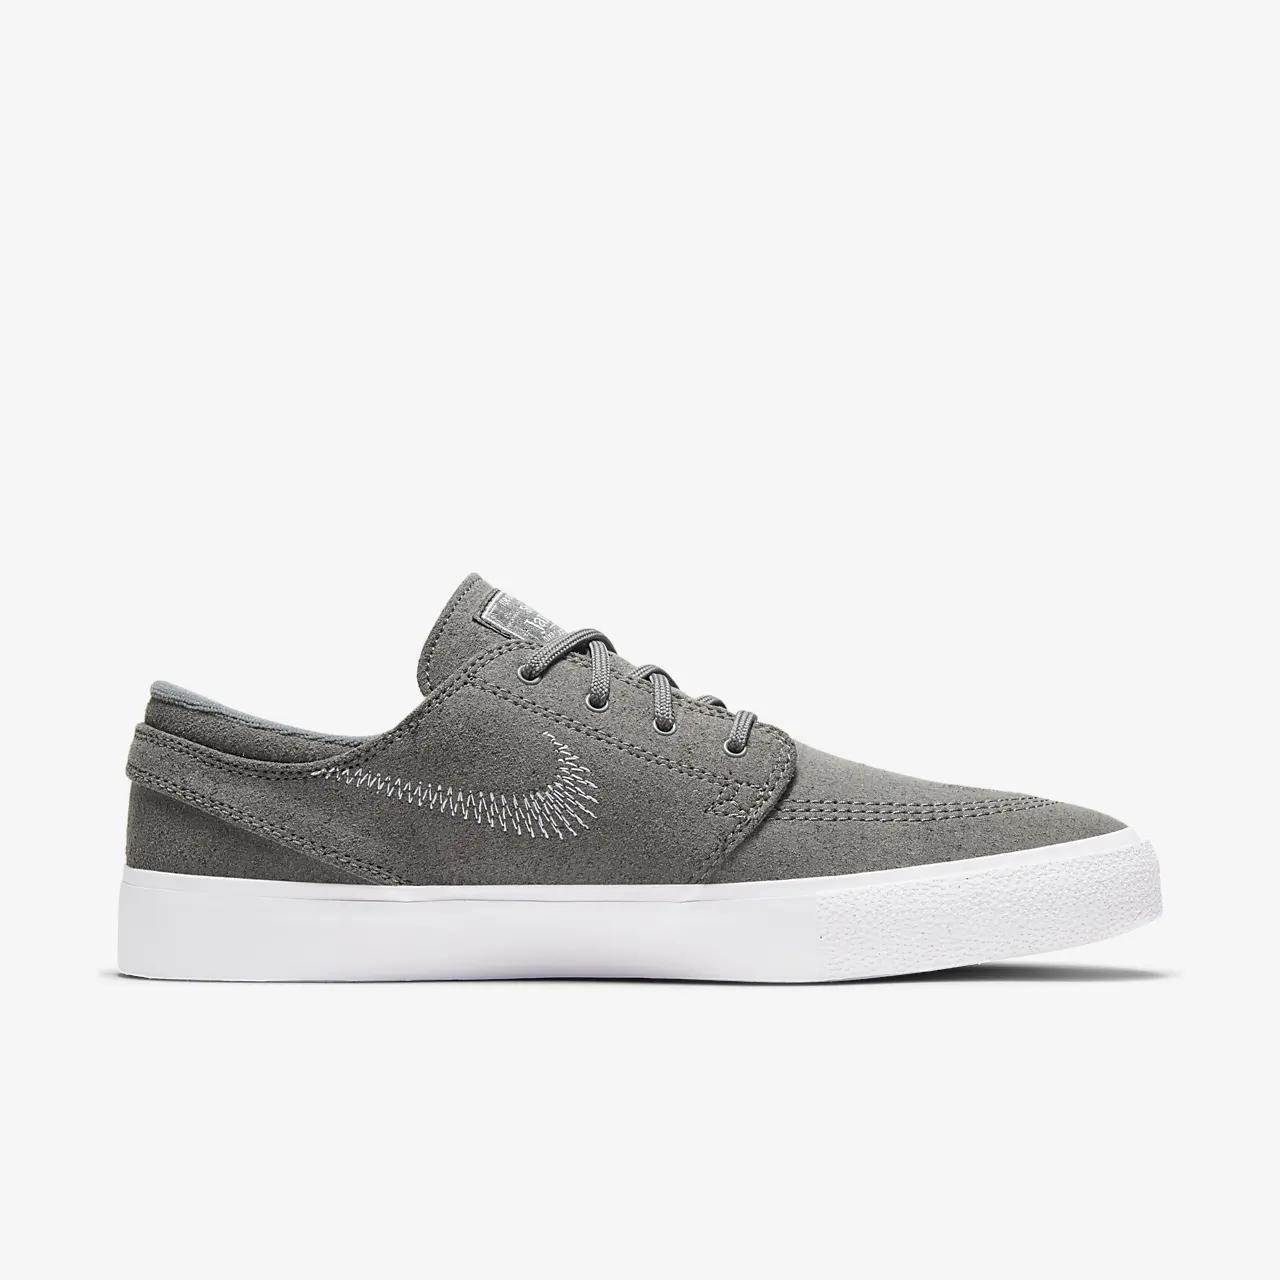 유럽직배송 나이키 NIKE Nike SB Zoom Stefan Janoski FL RM Skate Shoe CI3836-002